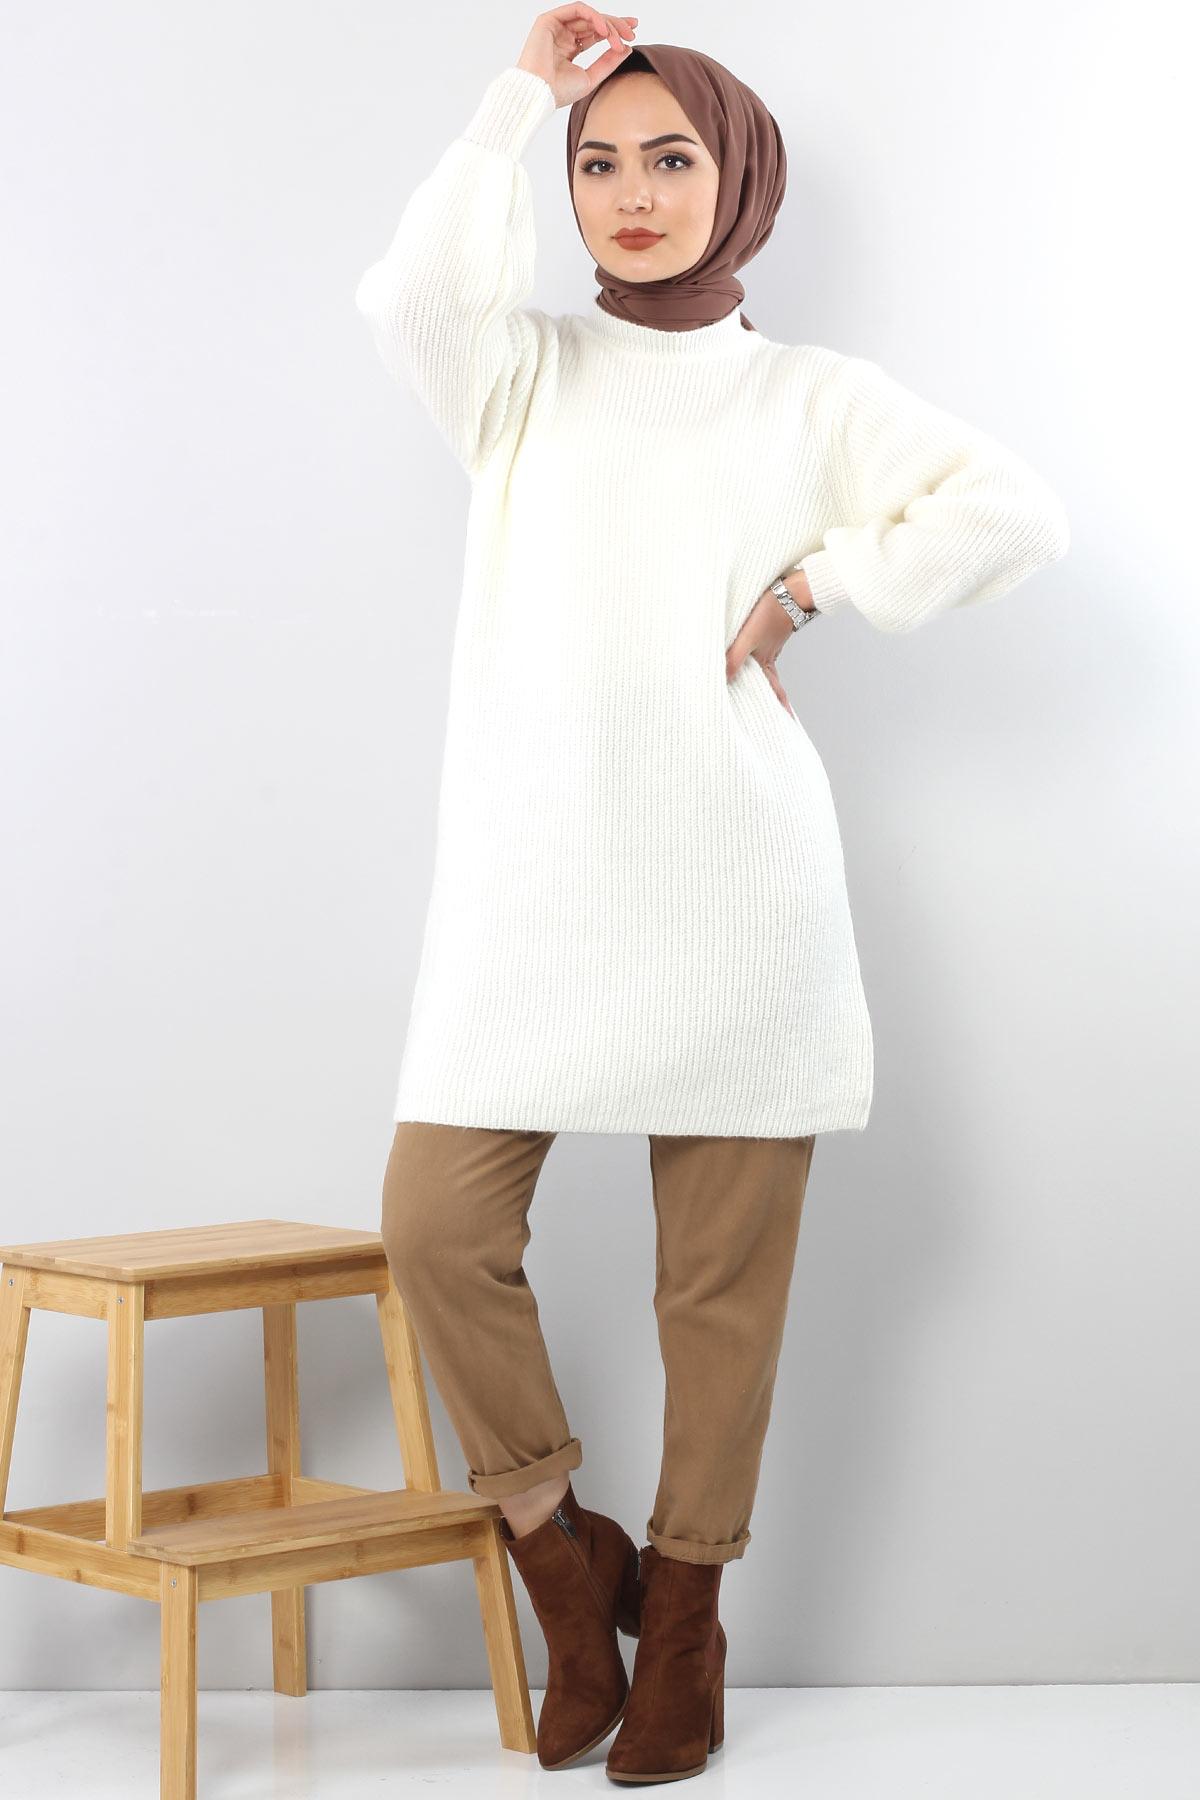 Trikot Wide Sleeve Tunic TSD3647 in Milk.